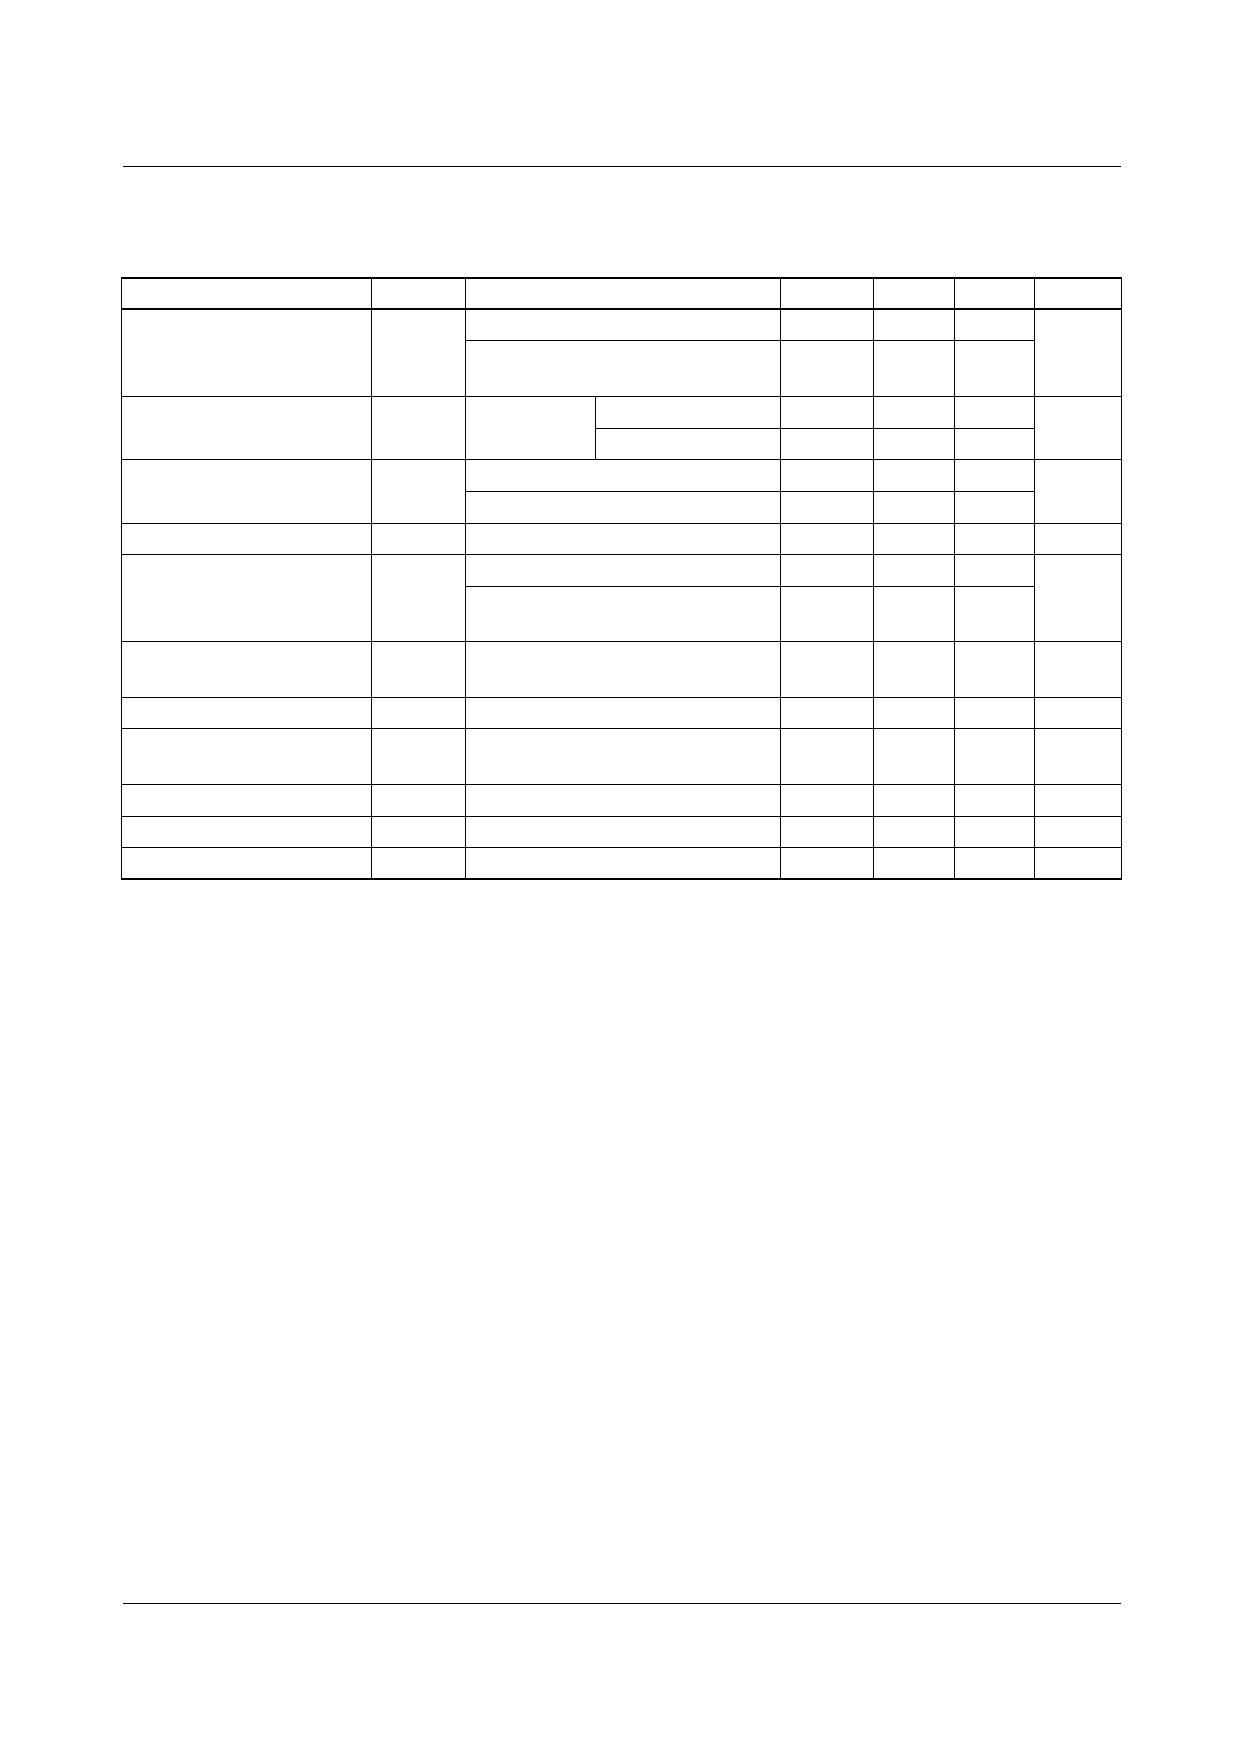 KA78M24 pdf, ピン配列